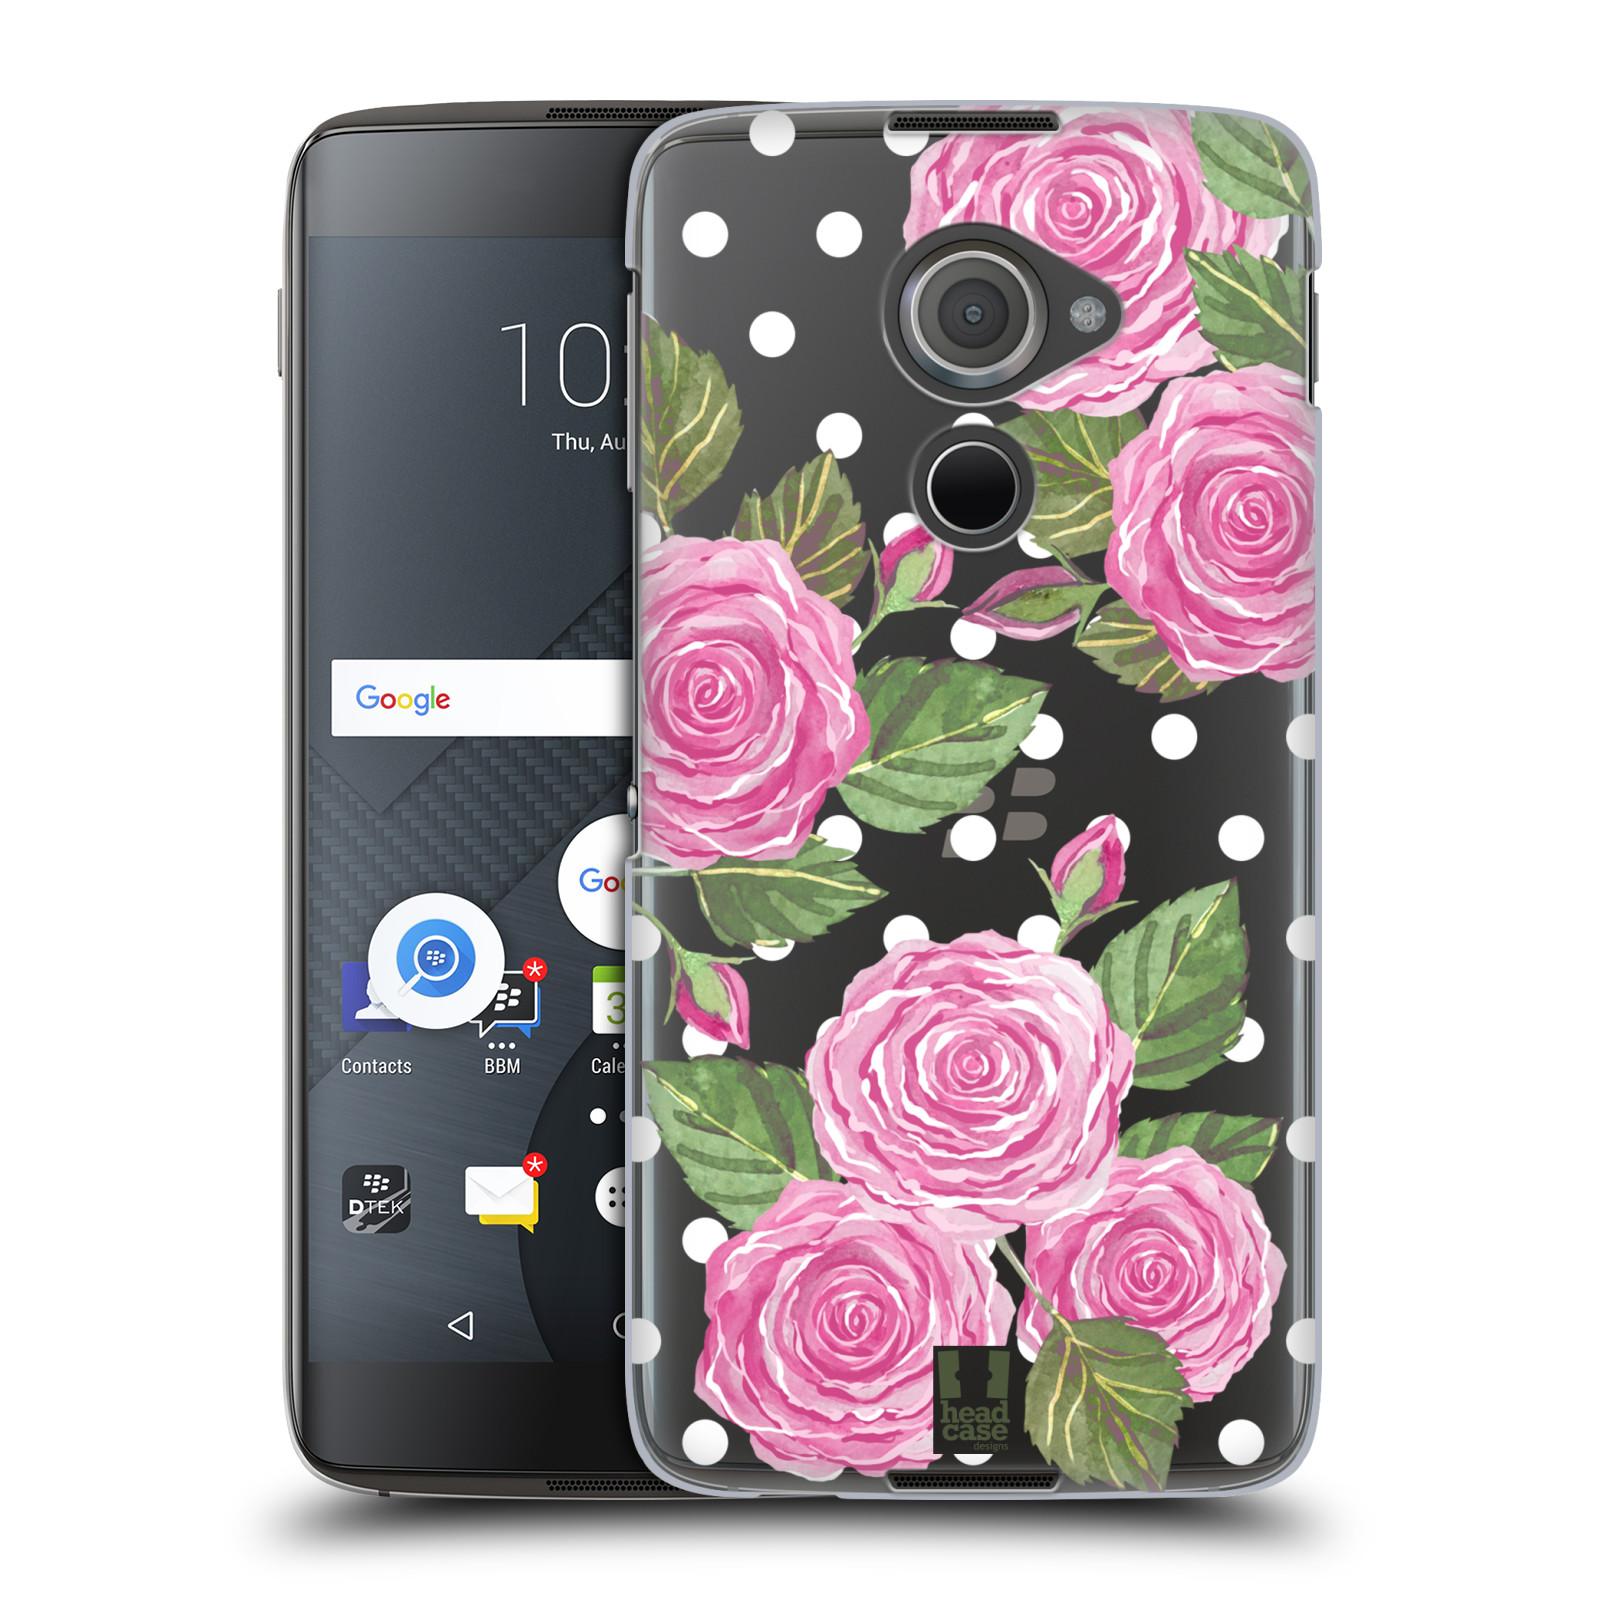 Plastové pouzdro na mobil Blackberry DTEK60 (Argon) - Head Case - Hezoučké růžičky - průhledné